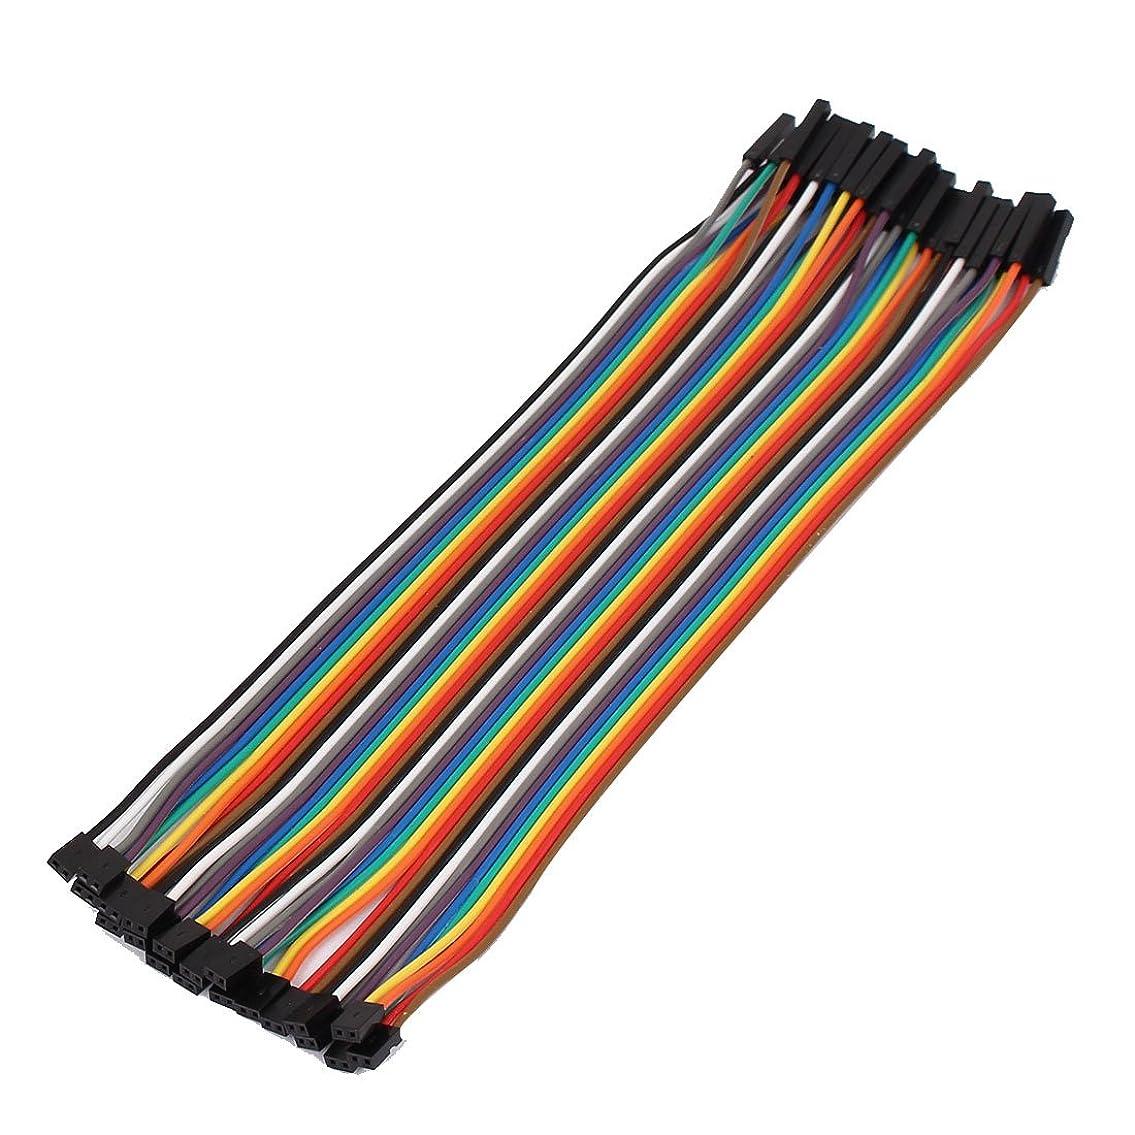 飲料横向きバレルuxcell ジャンパーワイヤ 柔軟 ケーブル 40ピン 2P-1P 2.0mmメス- 2.54mmメス 20cm長さ